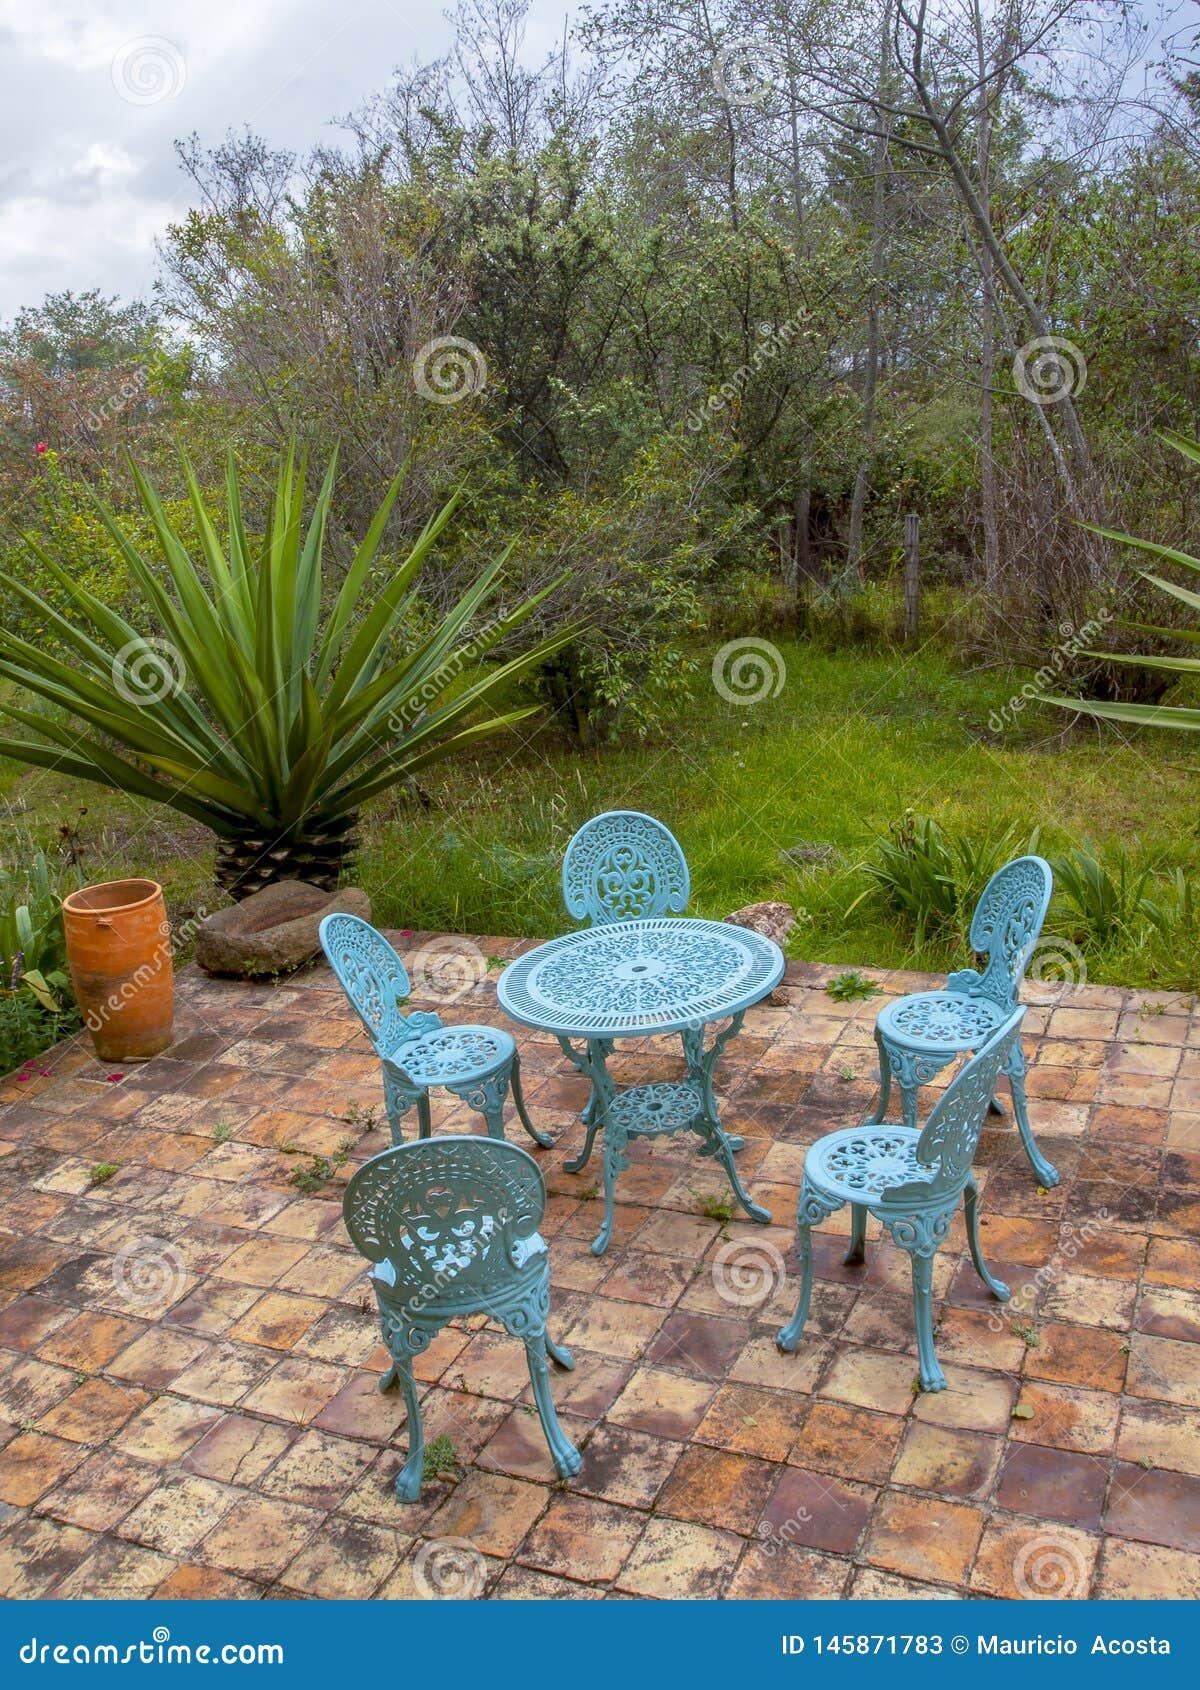 Muebles metálicos del jardín en una terraza de la teja de la arcilla